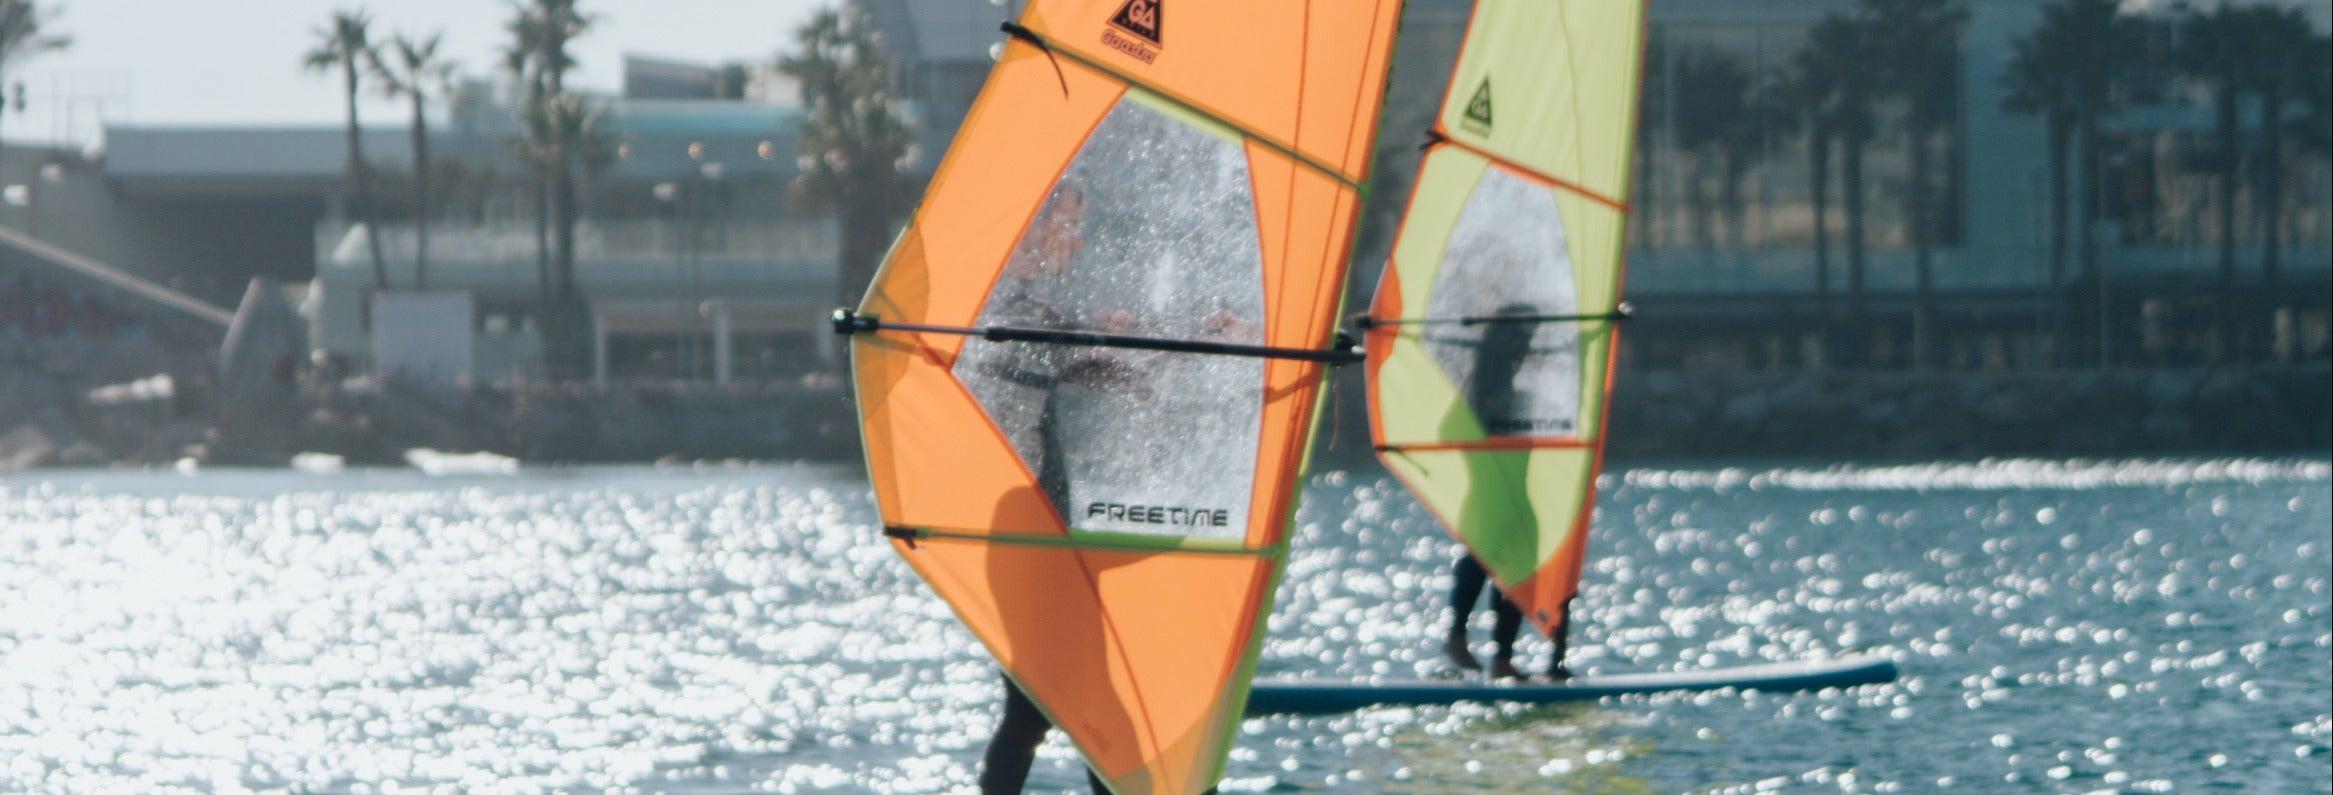 Cours de windsurf à Barcelone